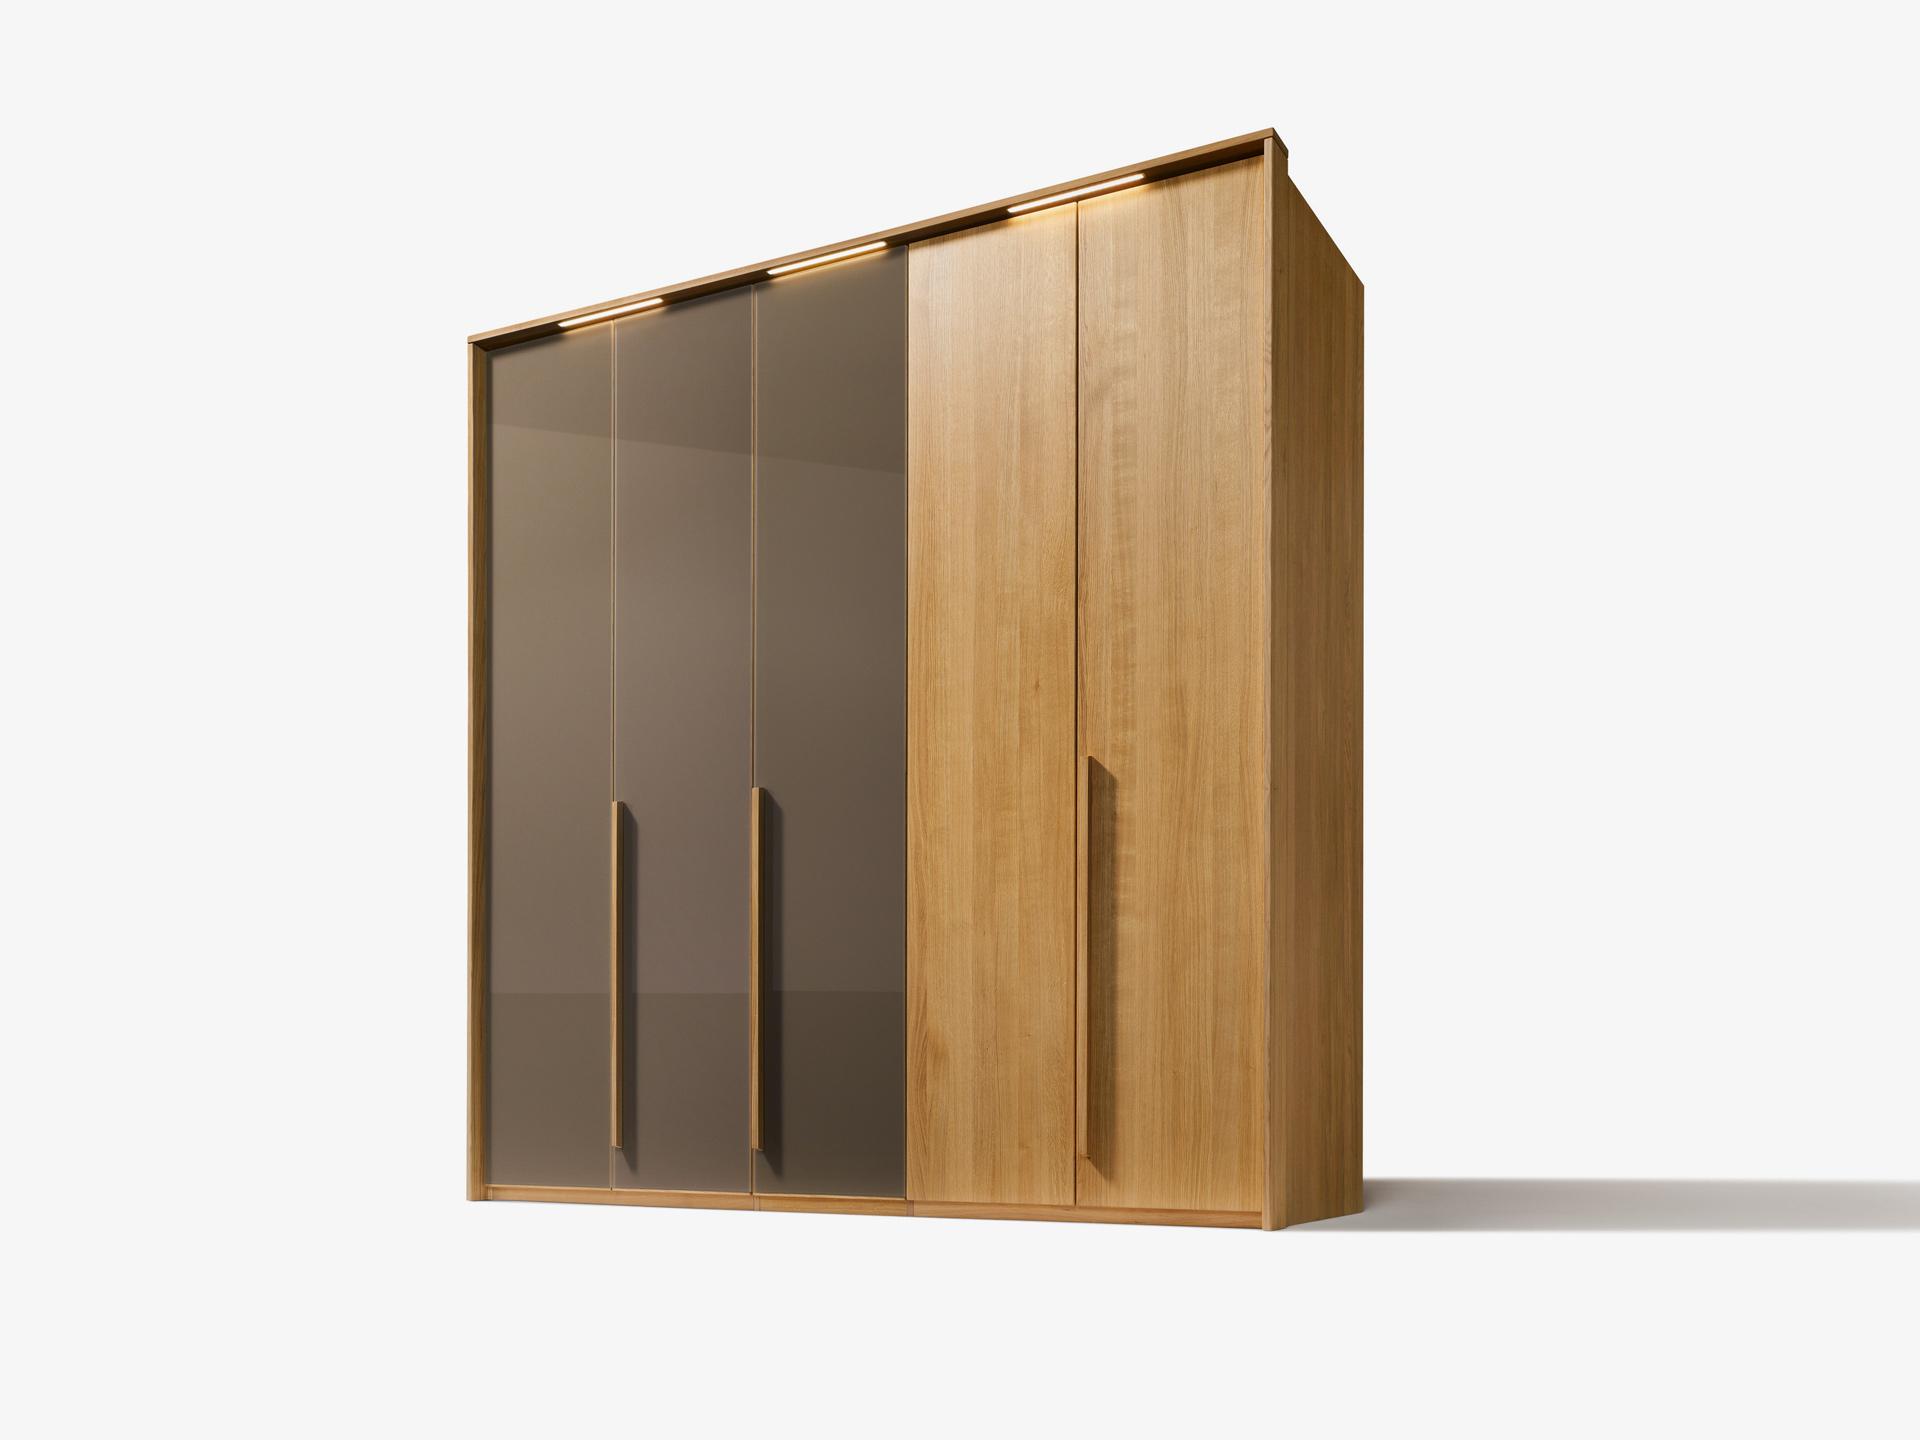 massivholz schlafzimmer wien. Black Bedroom Furniture Sets. Home Design Ideas